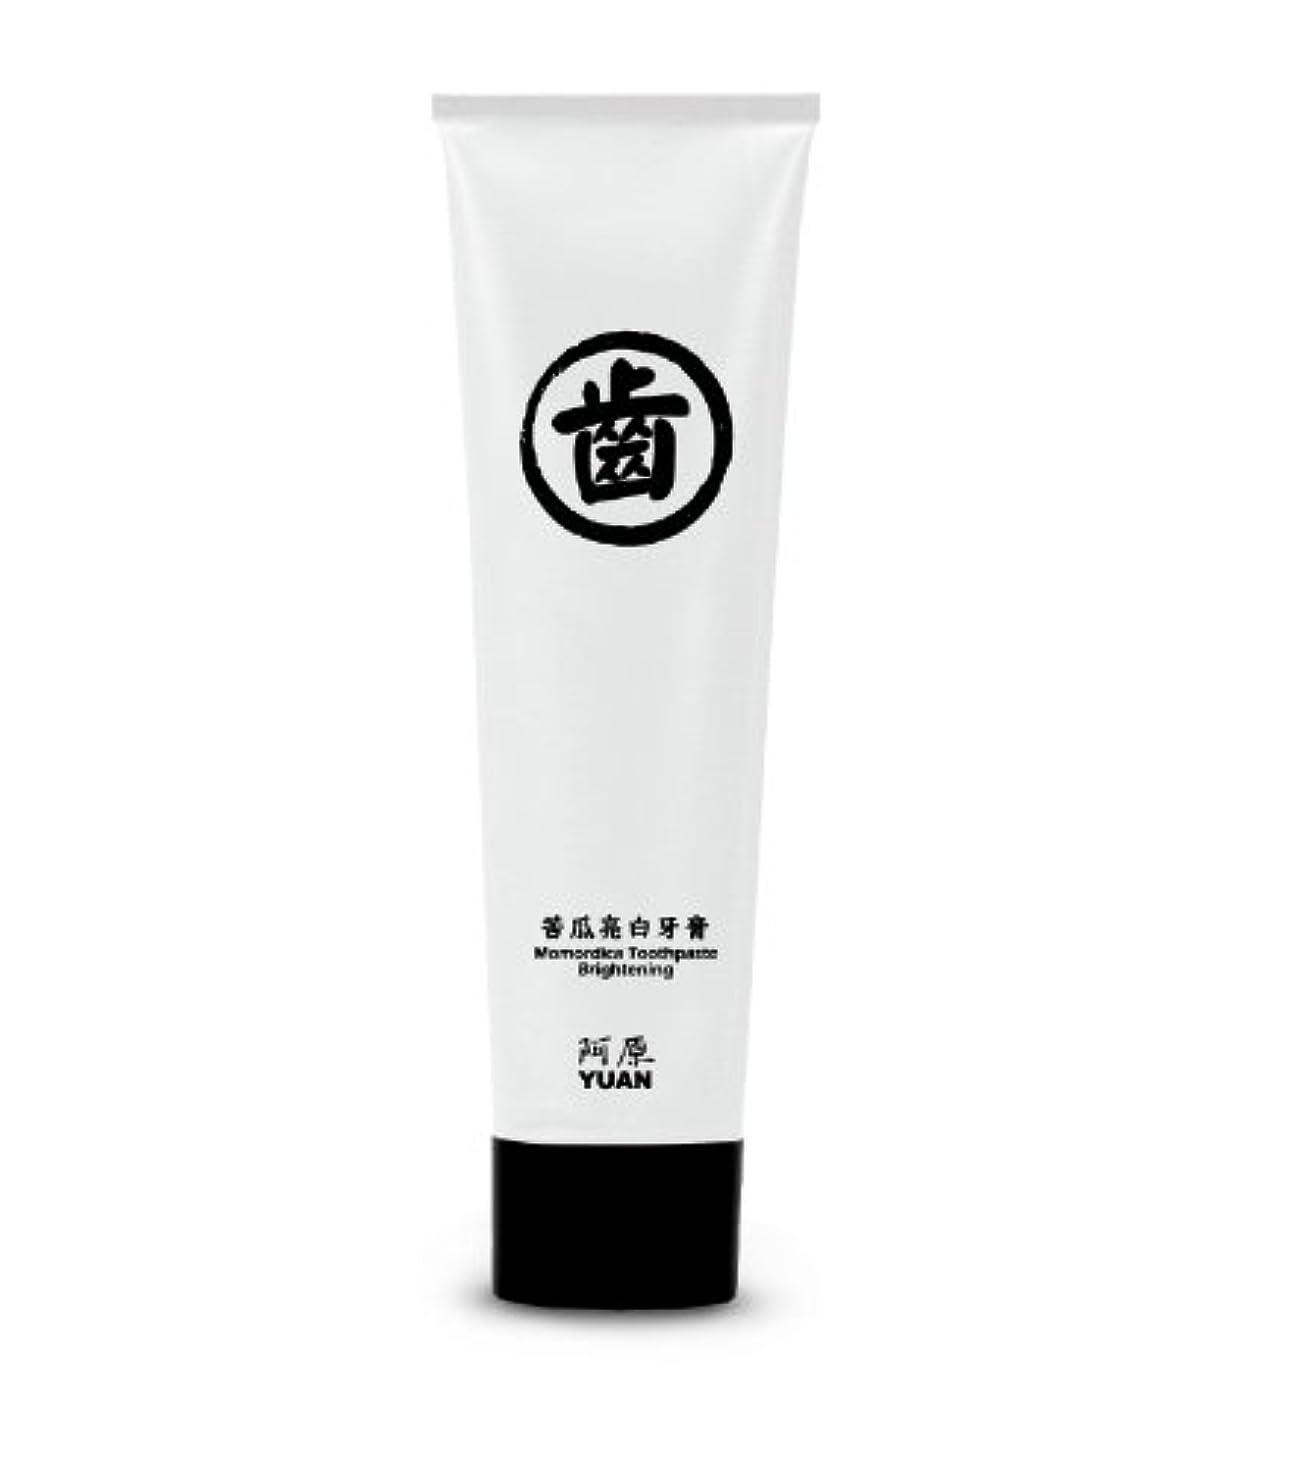 薄めるバルセロナレビュアーユアン(YUAN) にがうり歯みがきペーストホワイトニング 75g (阿原 ユアン 歯磨き粉)